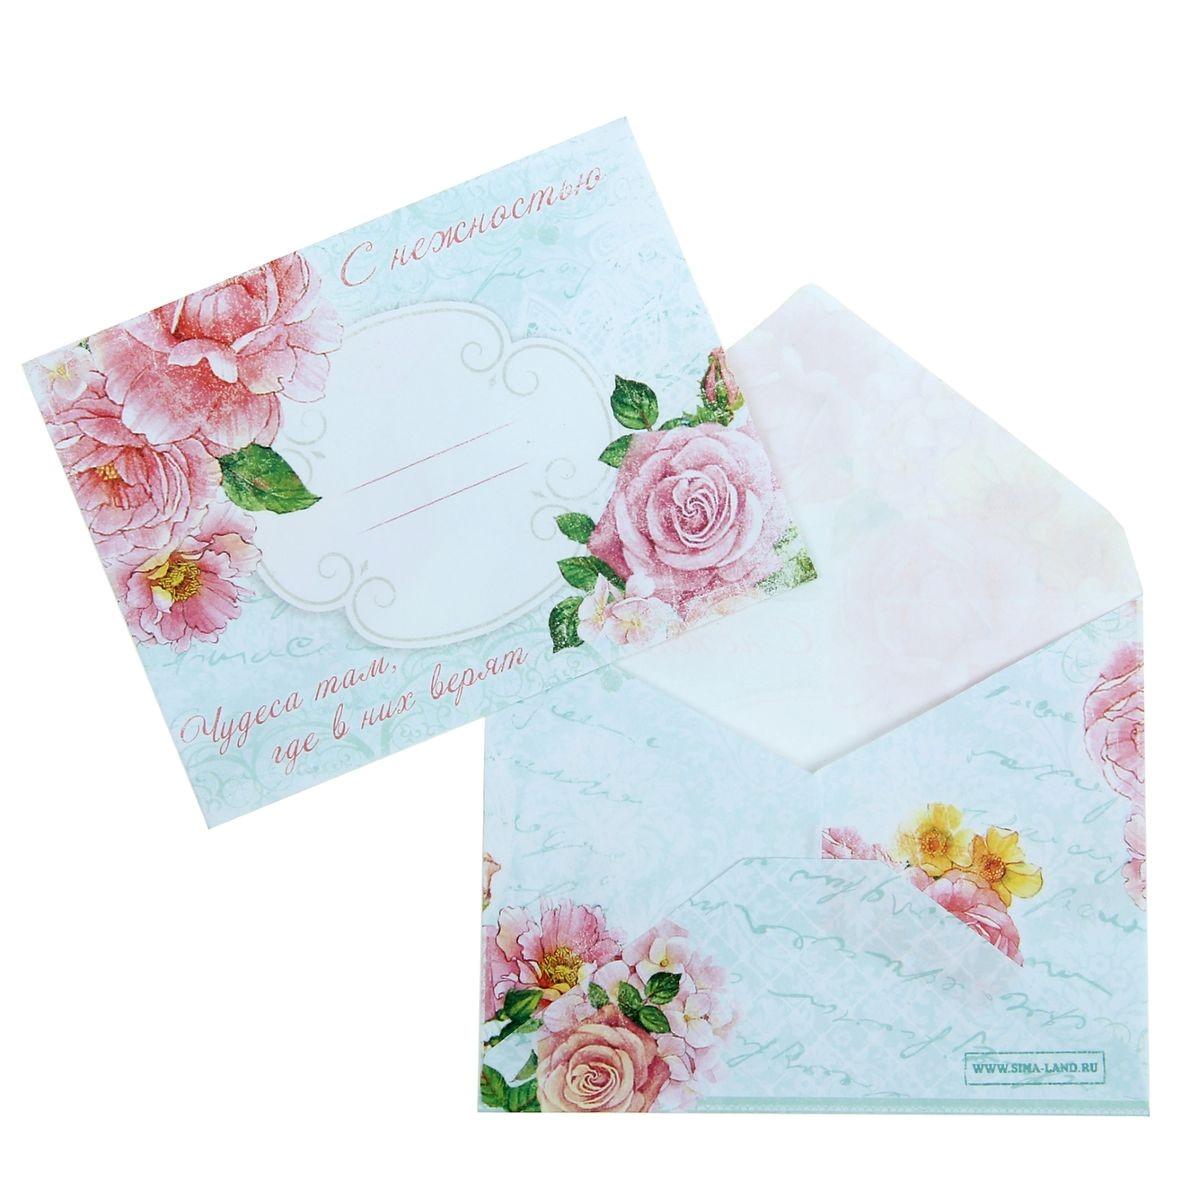 Печать на готовых конвертах в Москве | фото 8